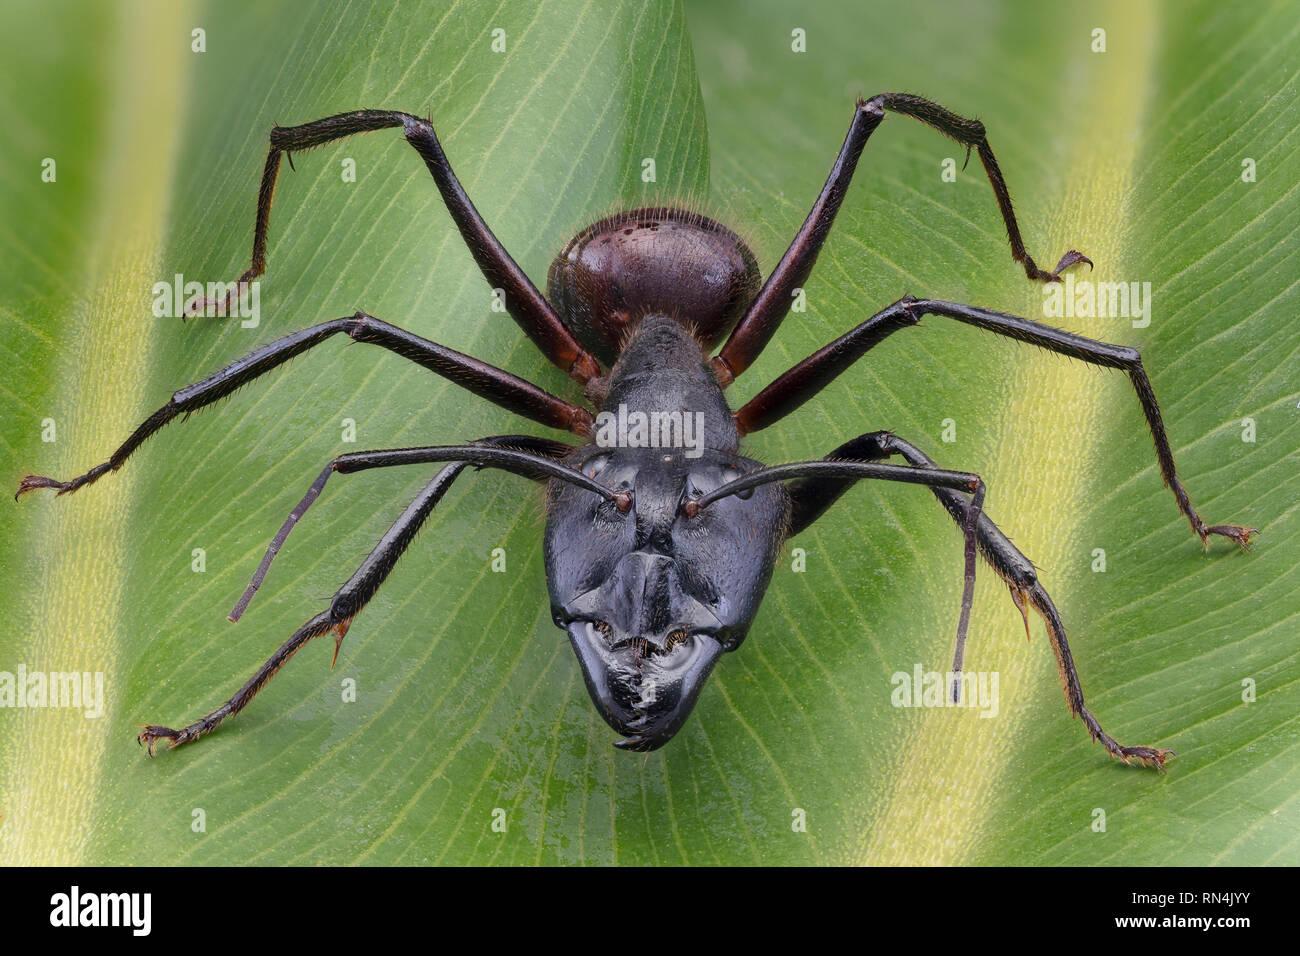 Forêt géant Ant, Camponotus gigas, Bornéo plus grande espèce de fourmis sur la terre (environ 1 po de longueur) Banque D'Images